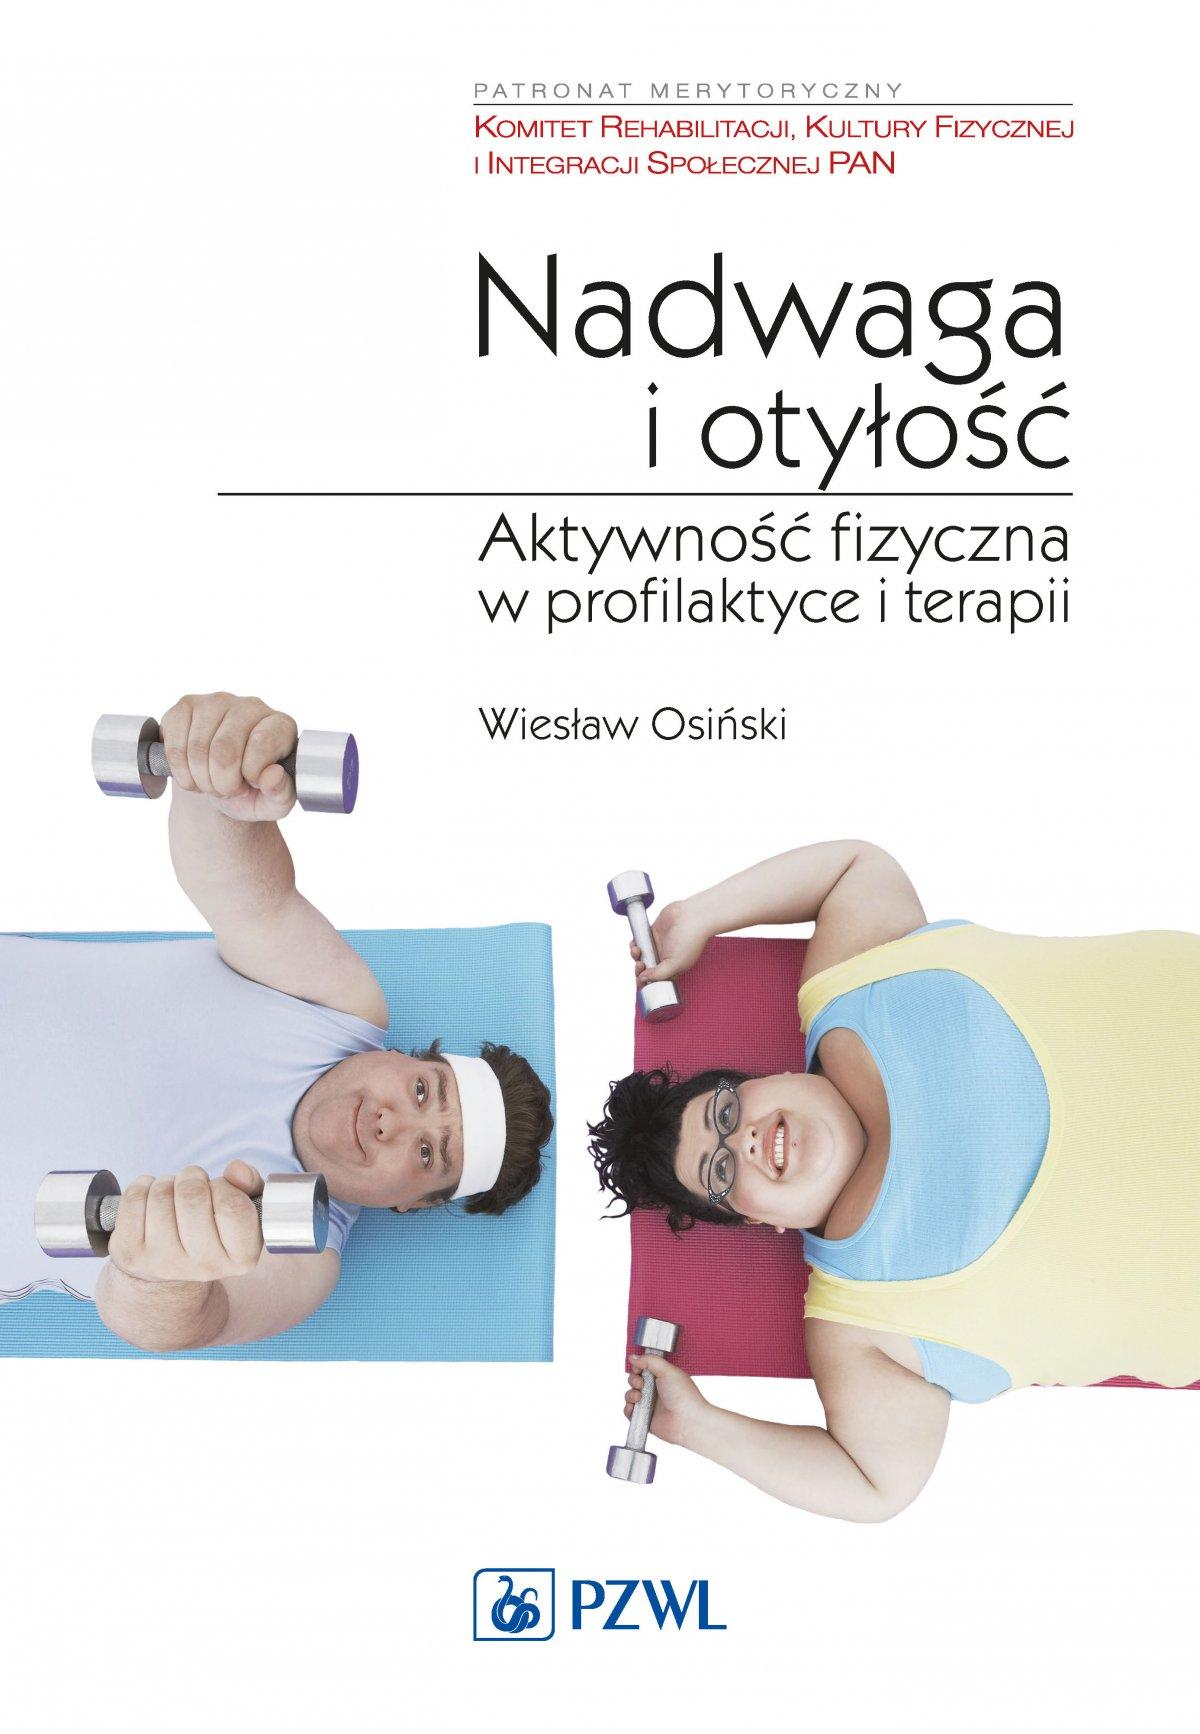 Nadwaga i otyłość. Aktywność fizyczna w profilaktyce terapii - Ebook (Książka EPUB) do pobrania w formacie EPUB